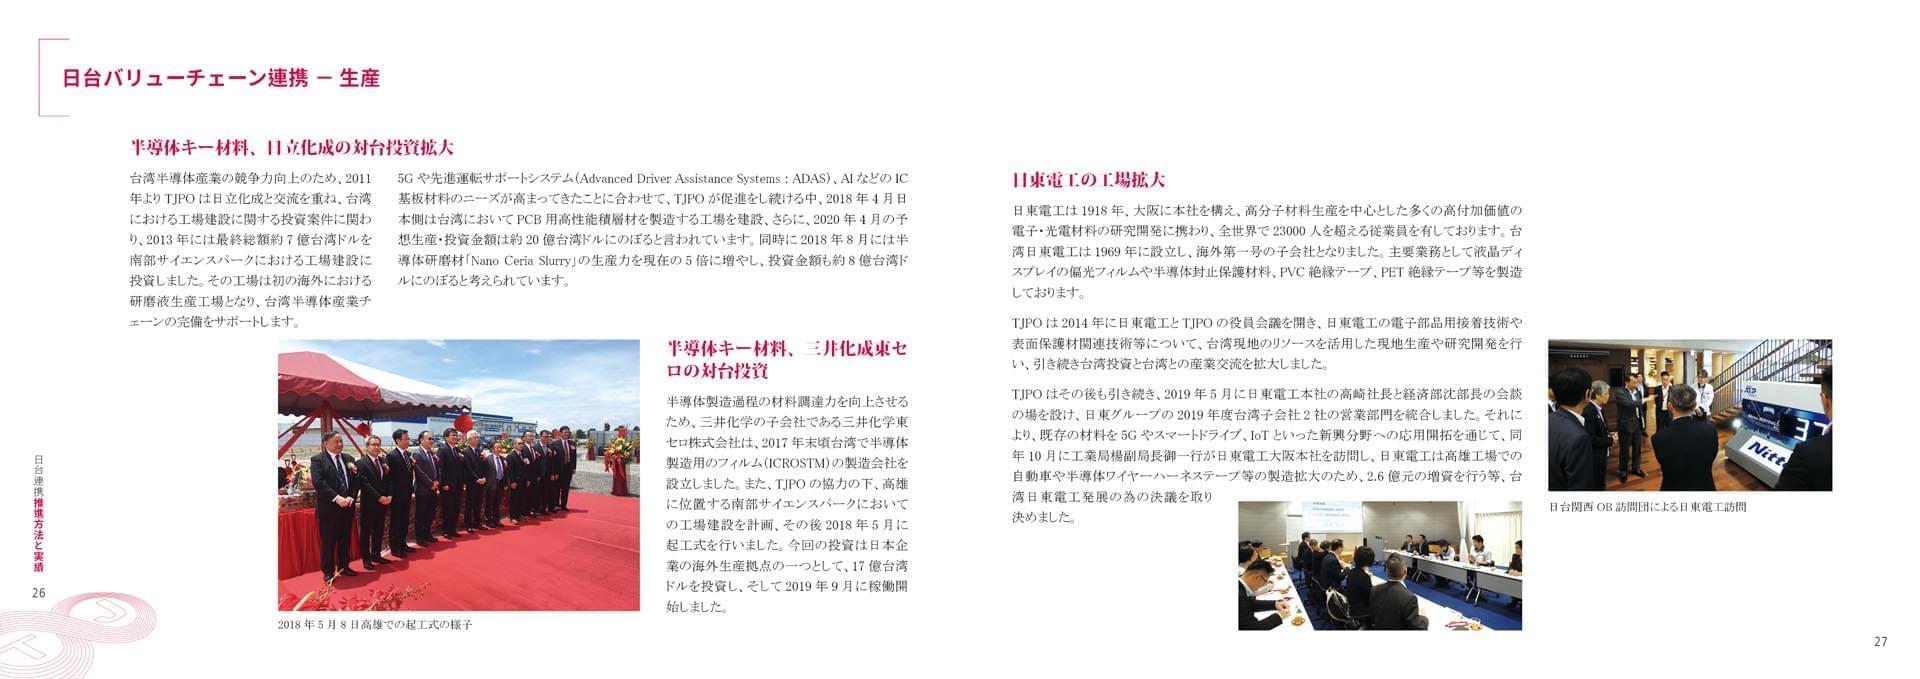 台日型錄-日文版60頁-第二次修改070216